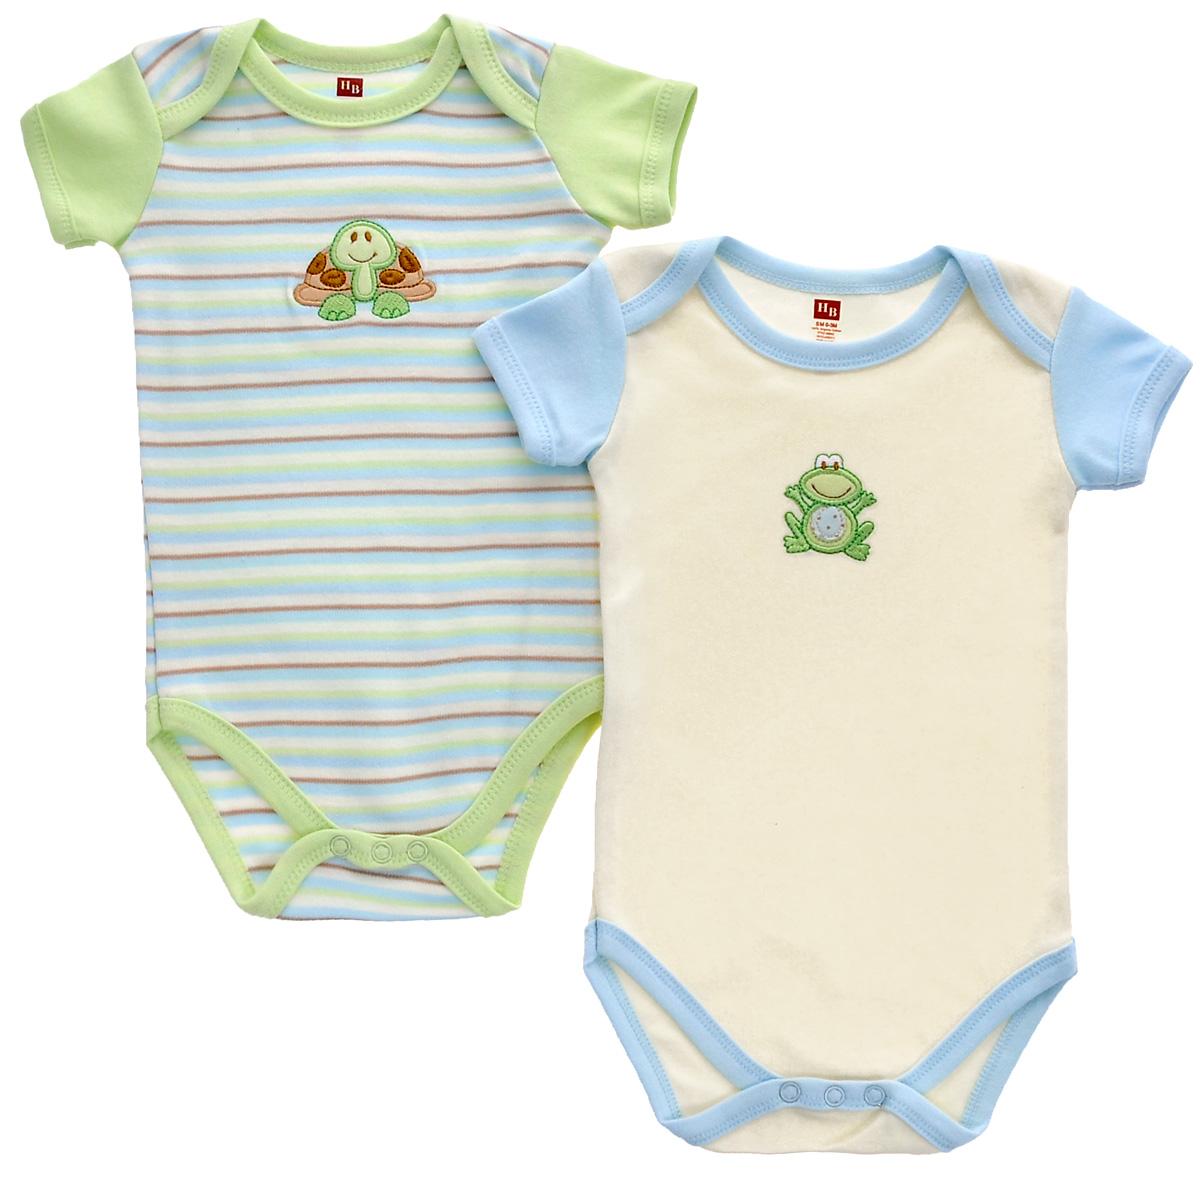 Боди детское Органик, 2 шт. 6804268042Боди для новорожденного Hudson Baby Органик послужит идеальным дополнением к гардеробу вашего малыша, обеспечивая ему наибольший комфорт. Изготовленное из натурального органического хлопка, оно необычайно мягкое и легкое, не раздражает нежную кожу ребенка и хорошо вентилируется, а эластичные швы приятны телу младенца и не препятствуют его движениям. Боди с короткими рукавами имеет специальные запахи на плечах и удобные застежки-кнопки на ластовице, которые помогают легко переодеть младенца и сменить подгузник. На груди оно оформлено оригинальной нашивкой. Боди полностью соответствует особенностям жизни ребенка в ранний период, не стесняя и не ограничивая его в движениях. В нем ваш малыш всегда будет в центре внимания. Линия Органик - для детей с очень чувствительной кожей. При производстве используются только натуральные красители и ткани. В комплект входя два боди с различными принтами.